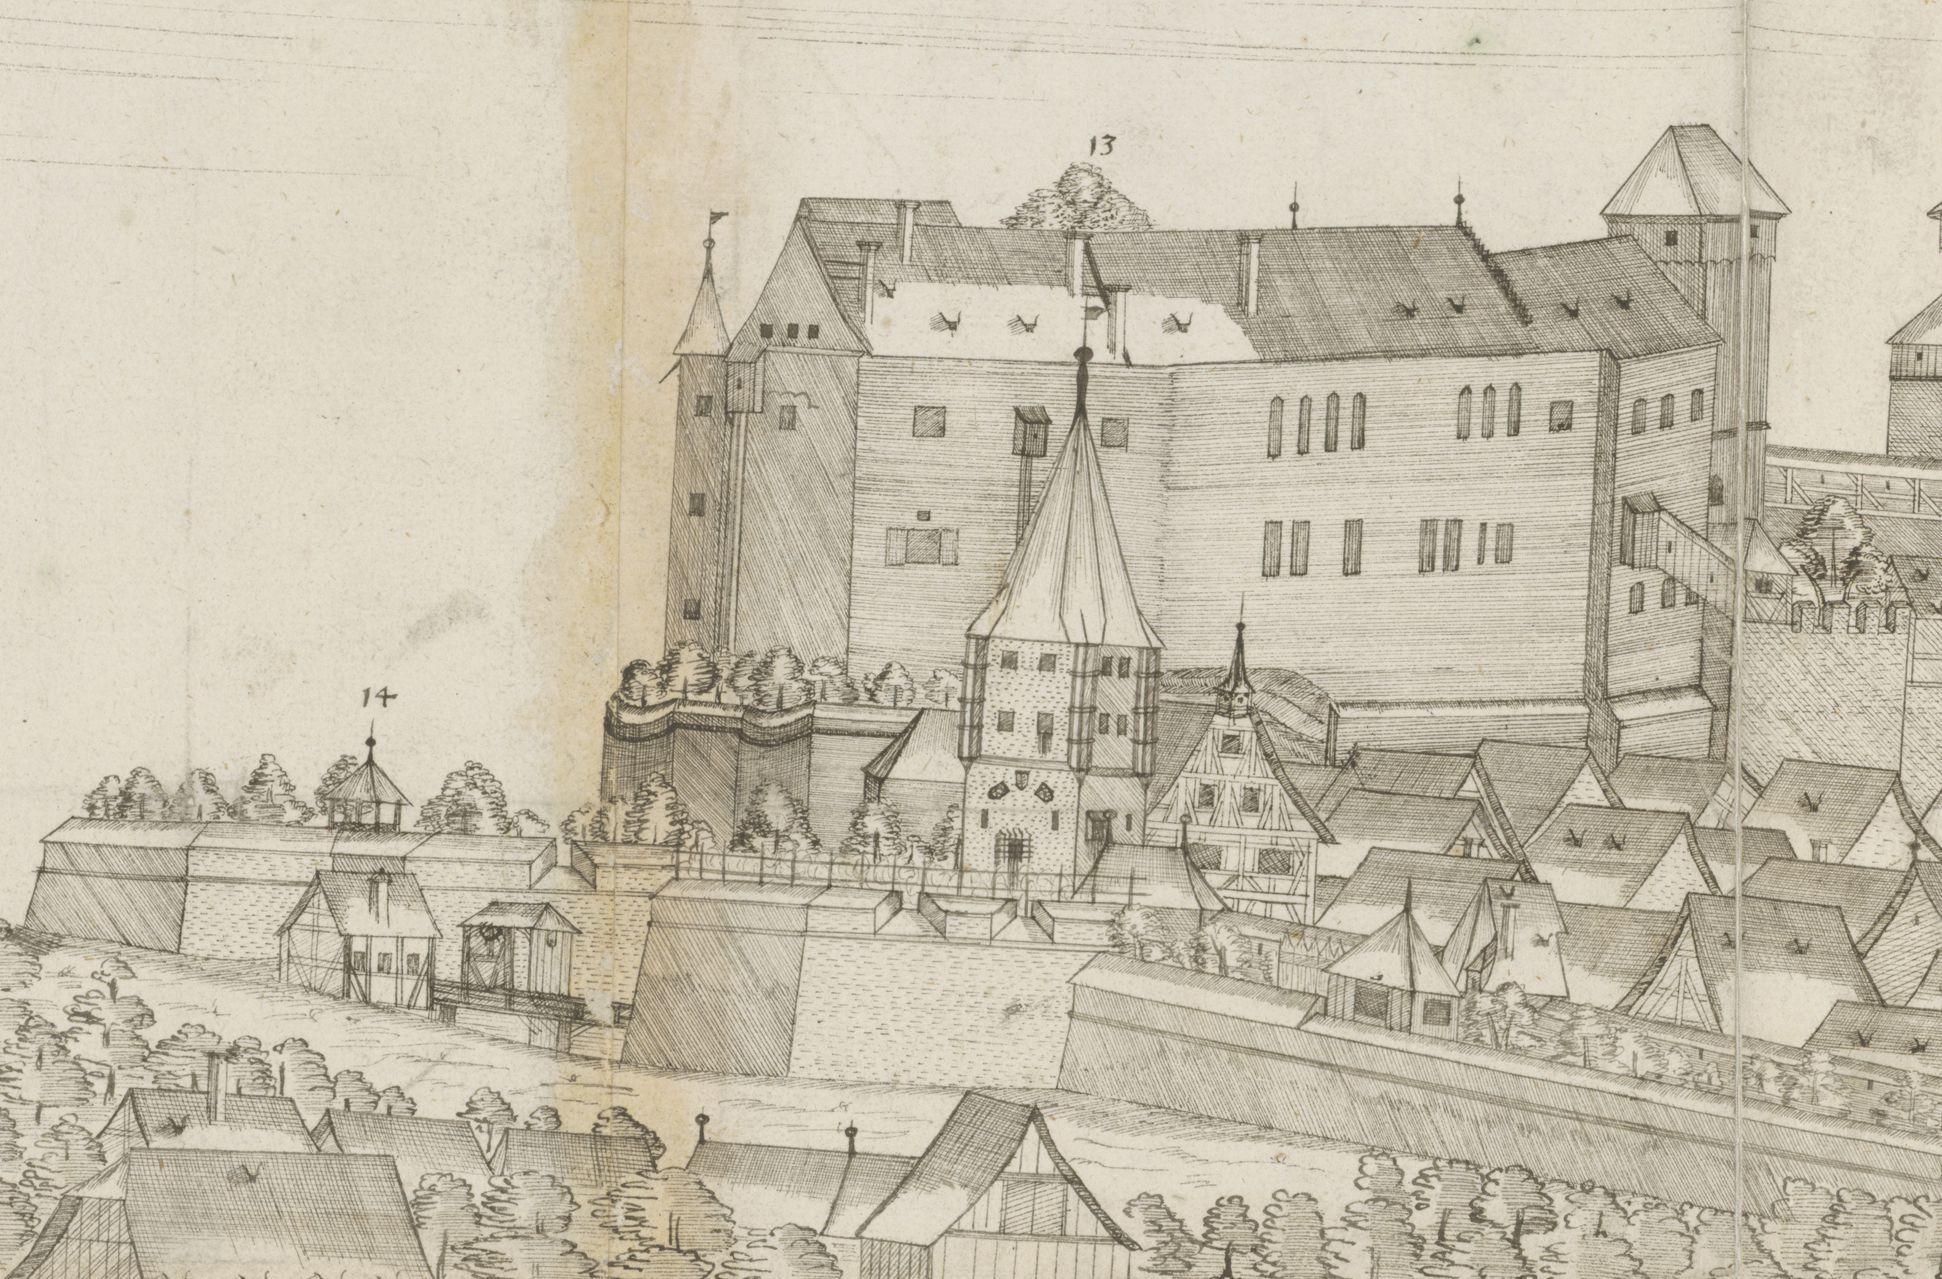 Panoramadarstellung der Stadt Nürnberg von Westen Westpanorama, Detail mit Neutorgraben, Tiergärtnertorturm, Burgpalas, -kapelle mit Heidenturm